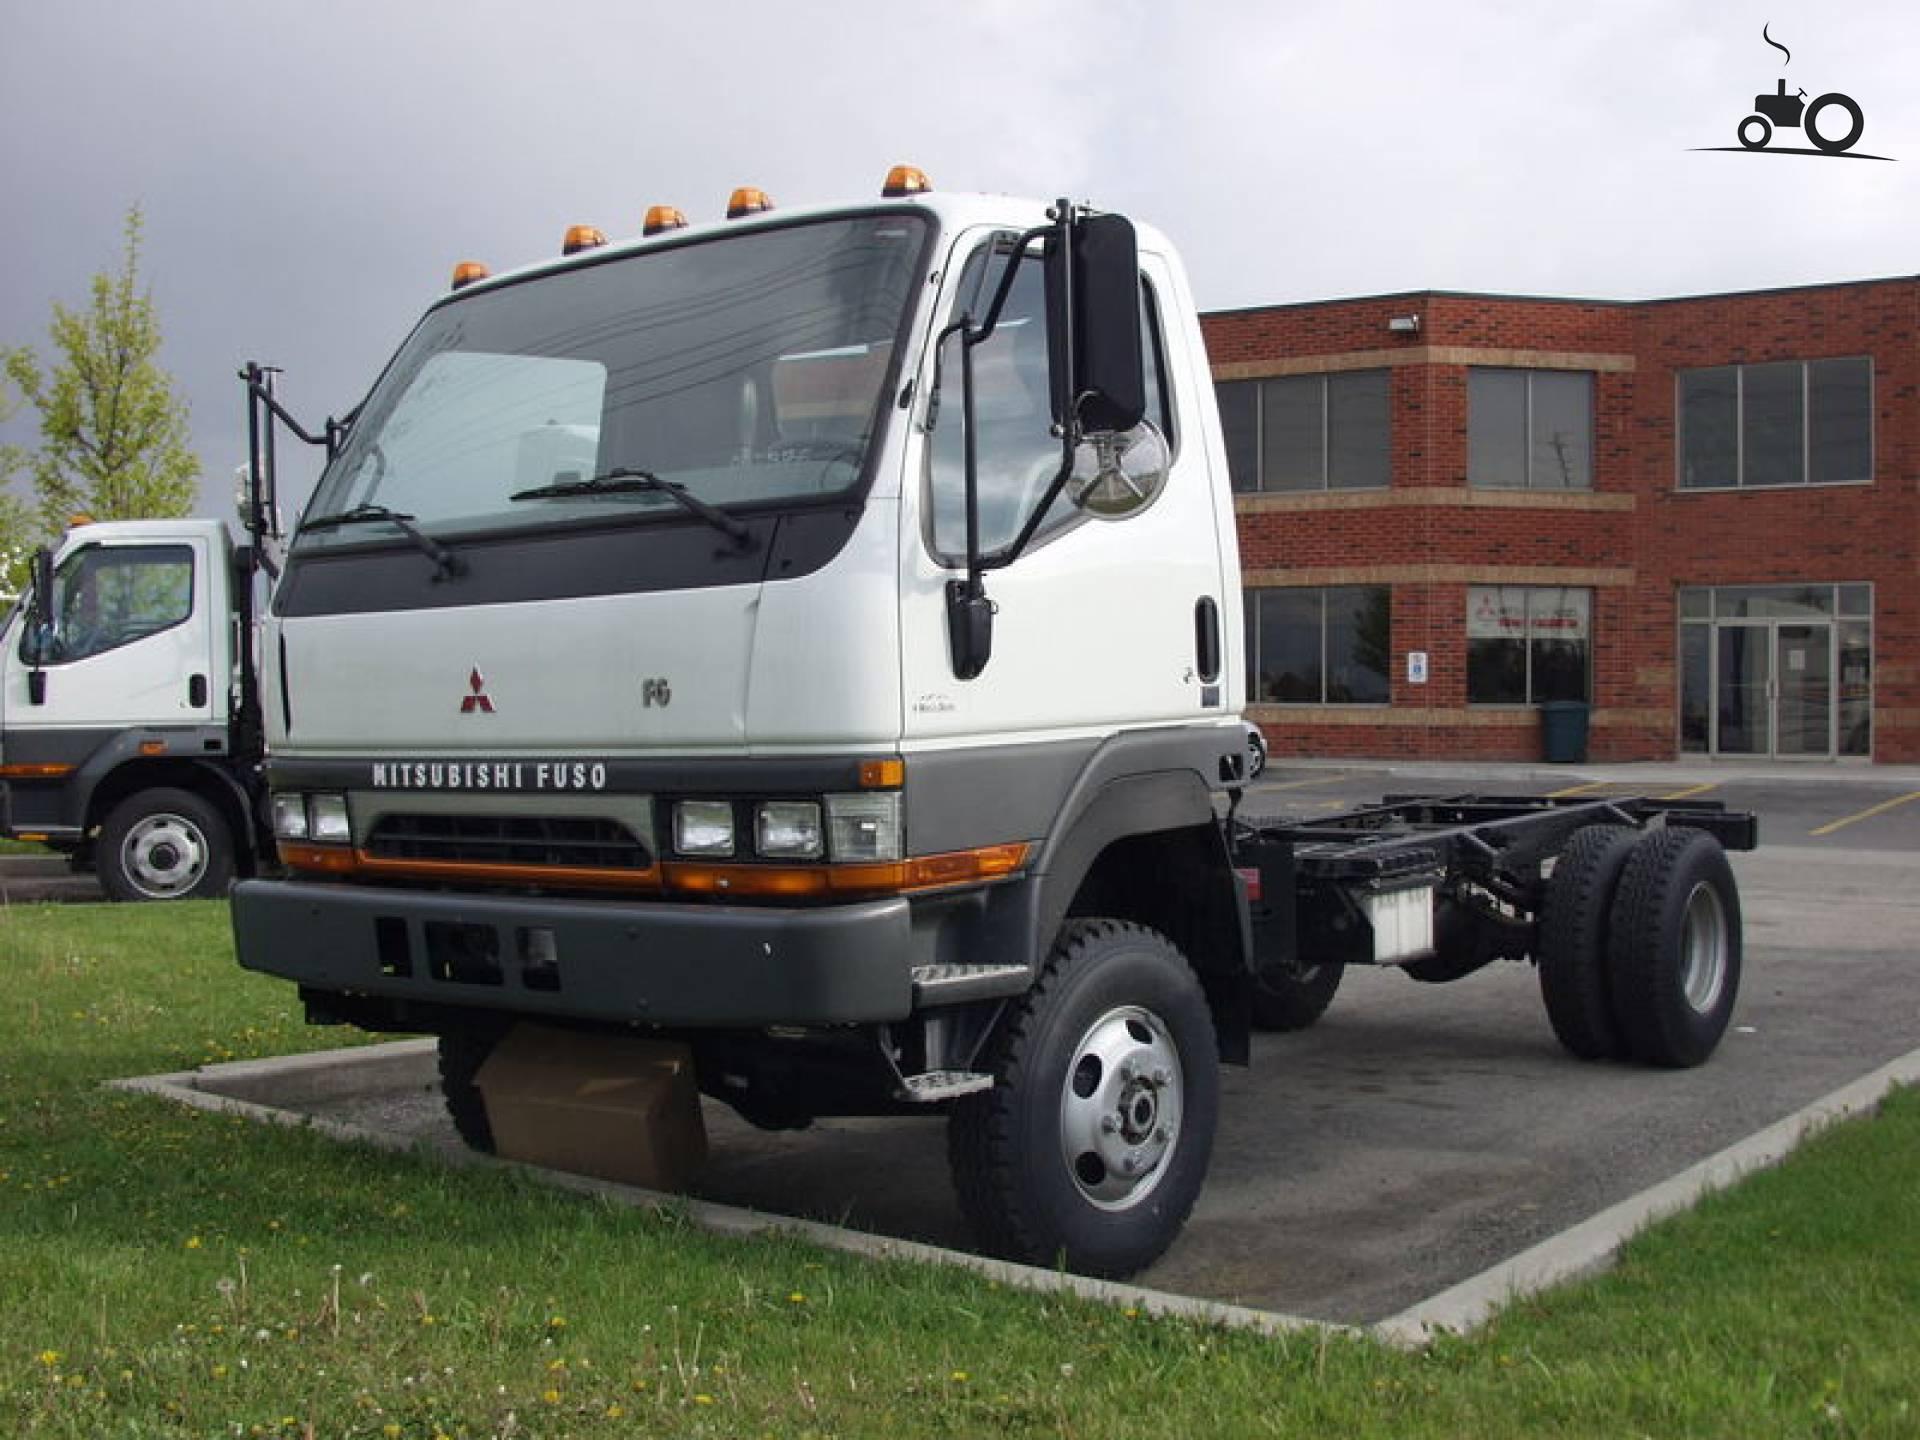 Mitsubishi Fuso FG